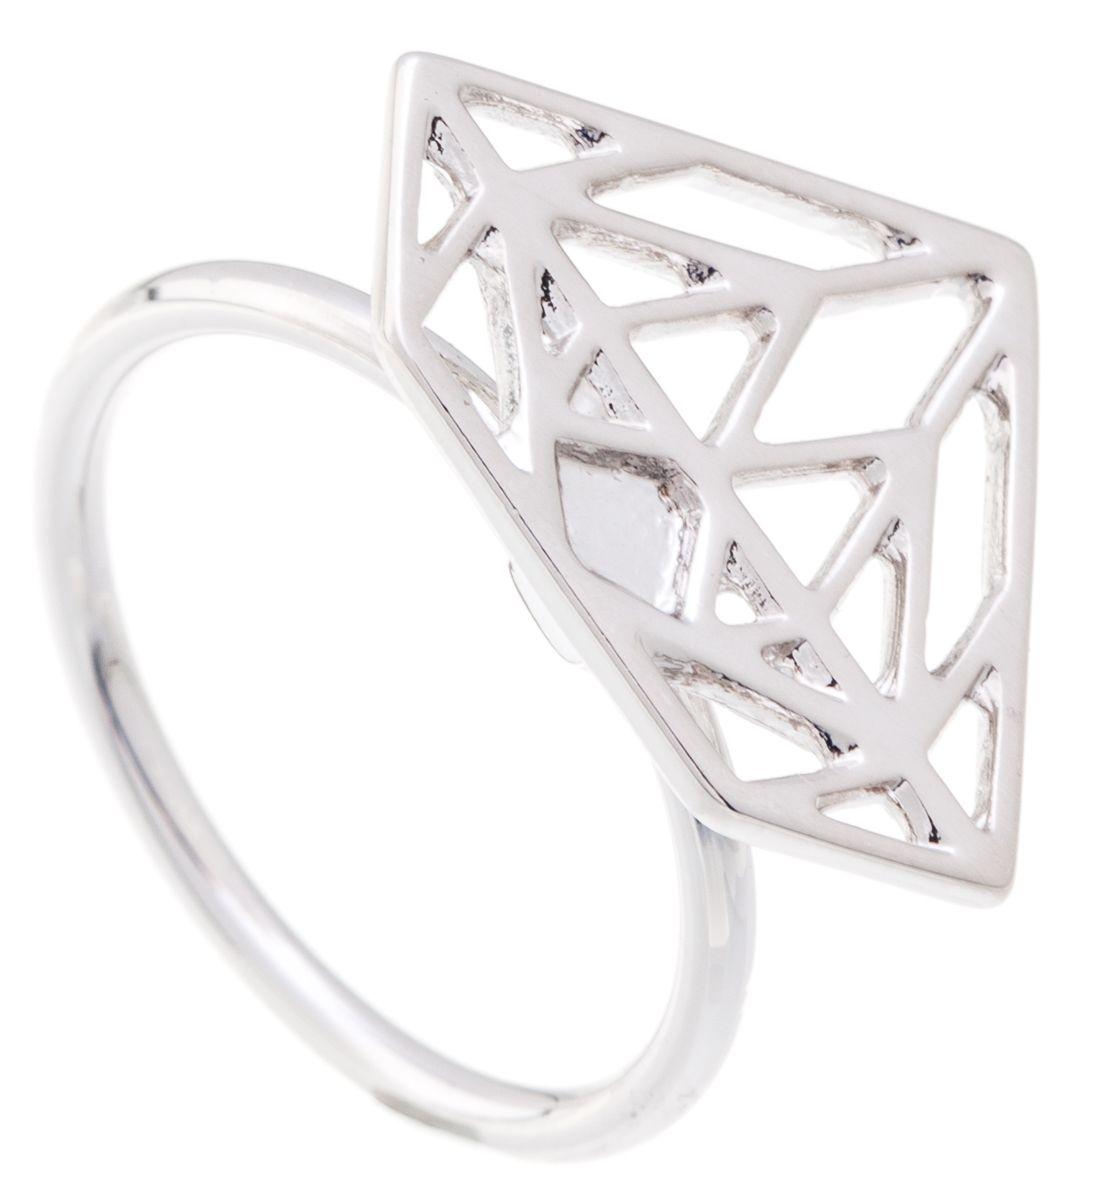 Кольцо Jenavi Young 2. Эпик, цвет: серебряный. f661f090. Размер 16Коктейльное кольцоИзящное кольцо Jenavi из коллекции Young 2. Эпик изготовлено из ювелирного сплава с покрытием из серебрения с родием. Изделие выполнено в необычном дизайне в форме треугольника. Стильное кольцо придаст вашему образу изюминку, подчеркнет индивидуальность.